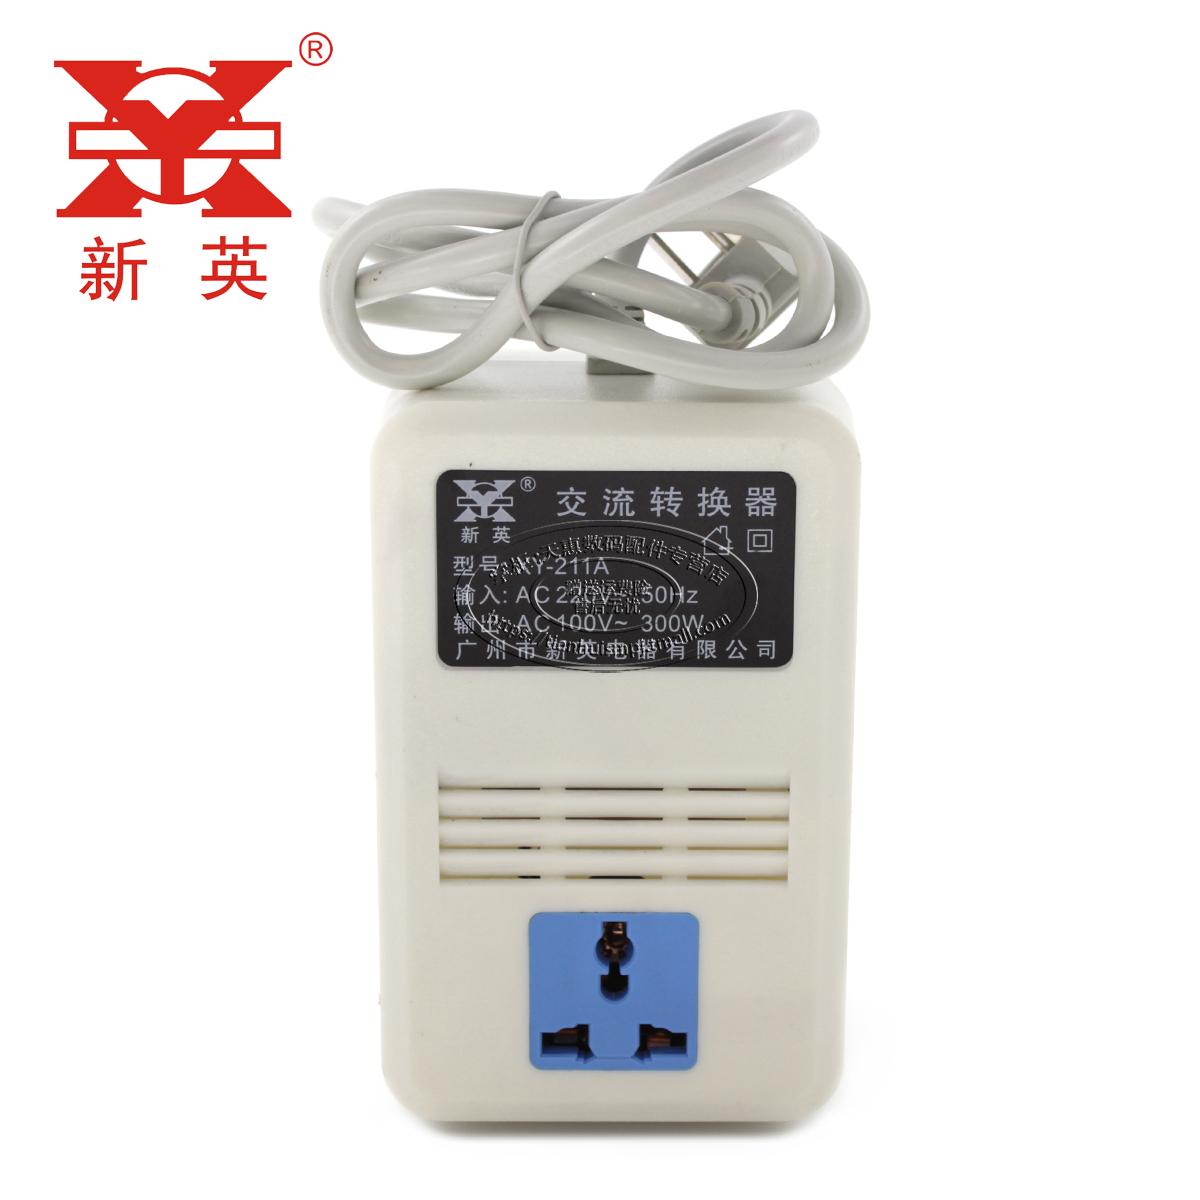 新英220V转100V XY-211A 00W变压器空气净化器日本电器300W变压器